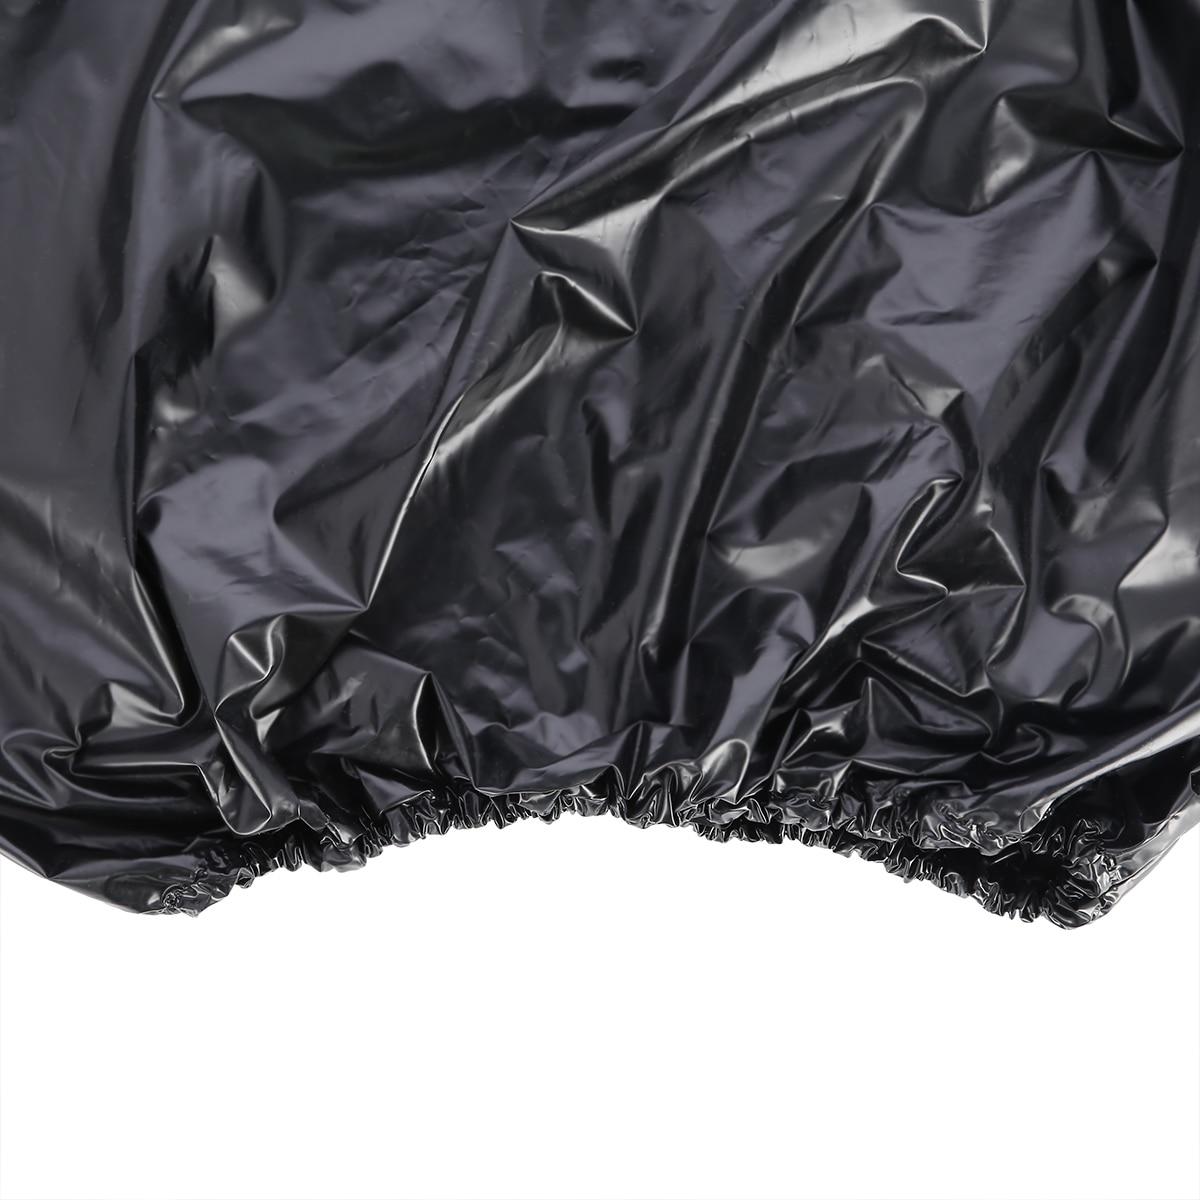 Purtarea unui sac de gunoi vă va ajuta să slăbiți atunci când vă antrenați?